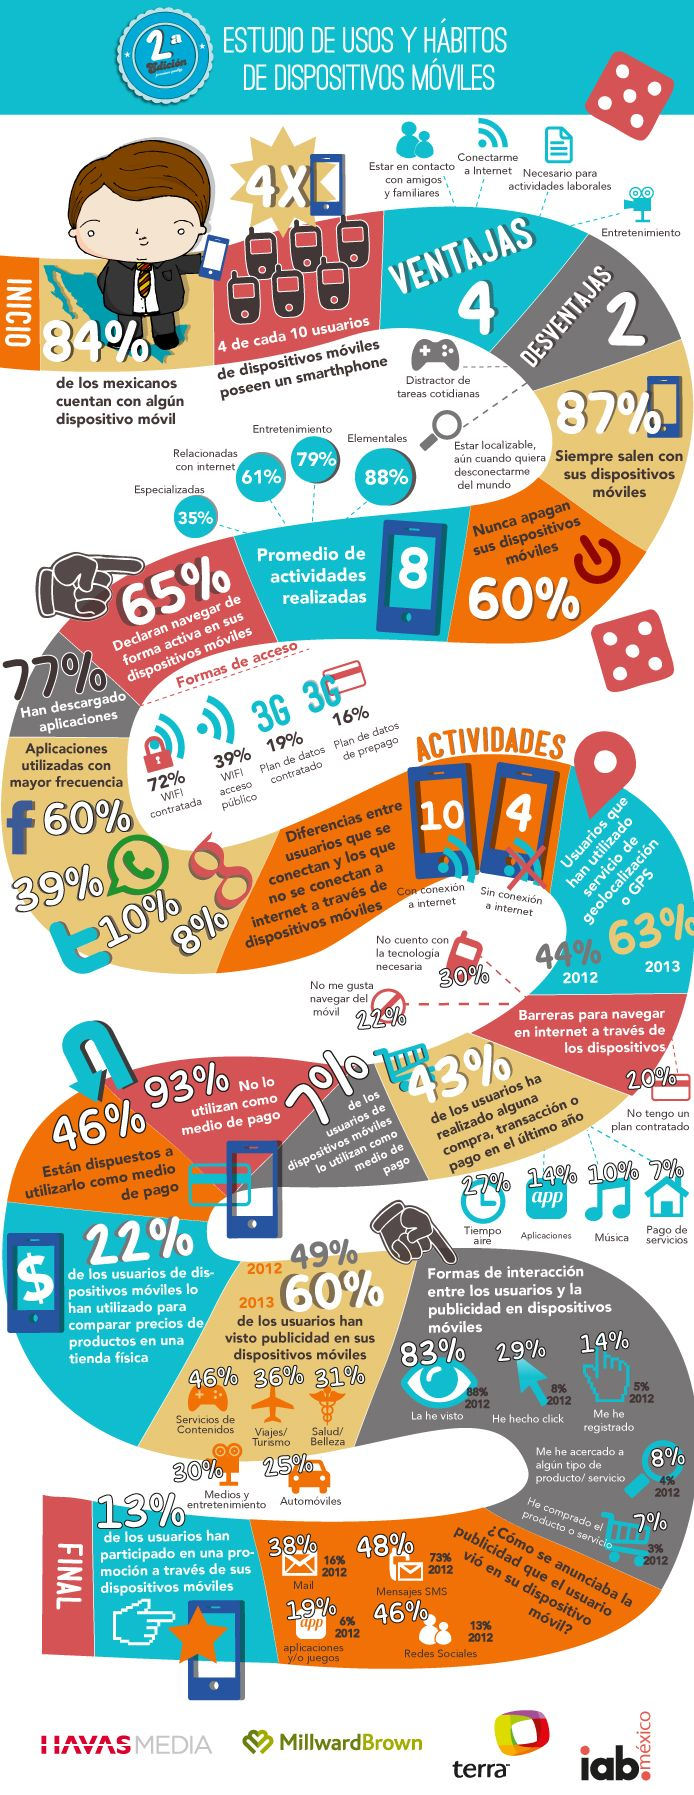 Infografía Estudio de Usos y Hábitos de Dispositivos Móviles